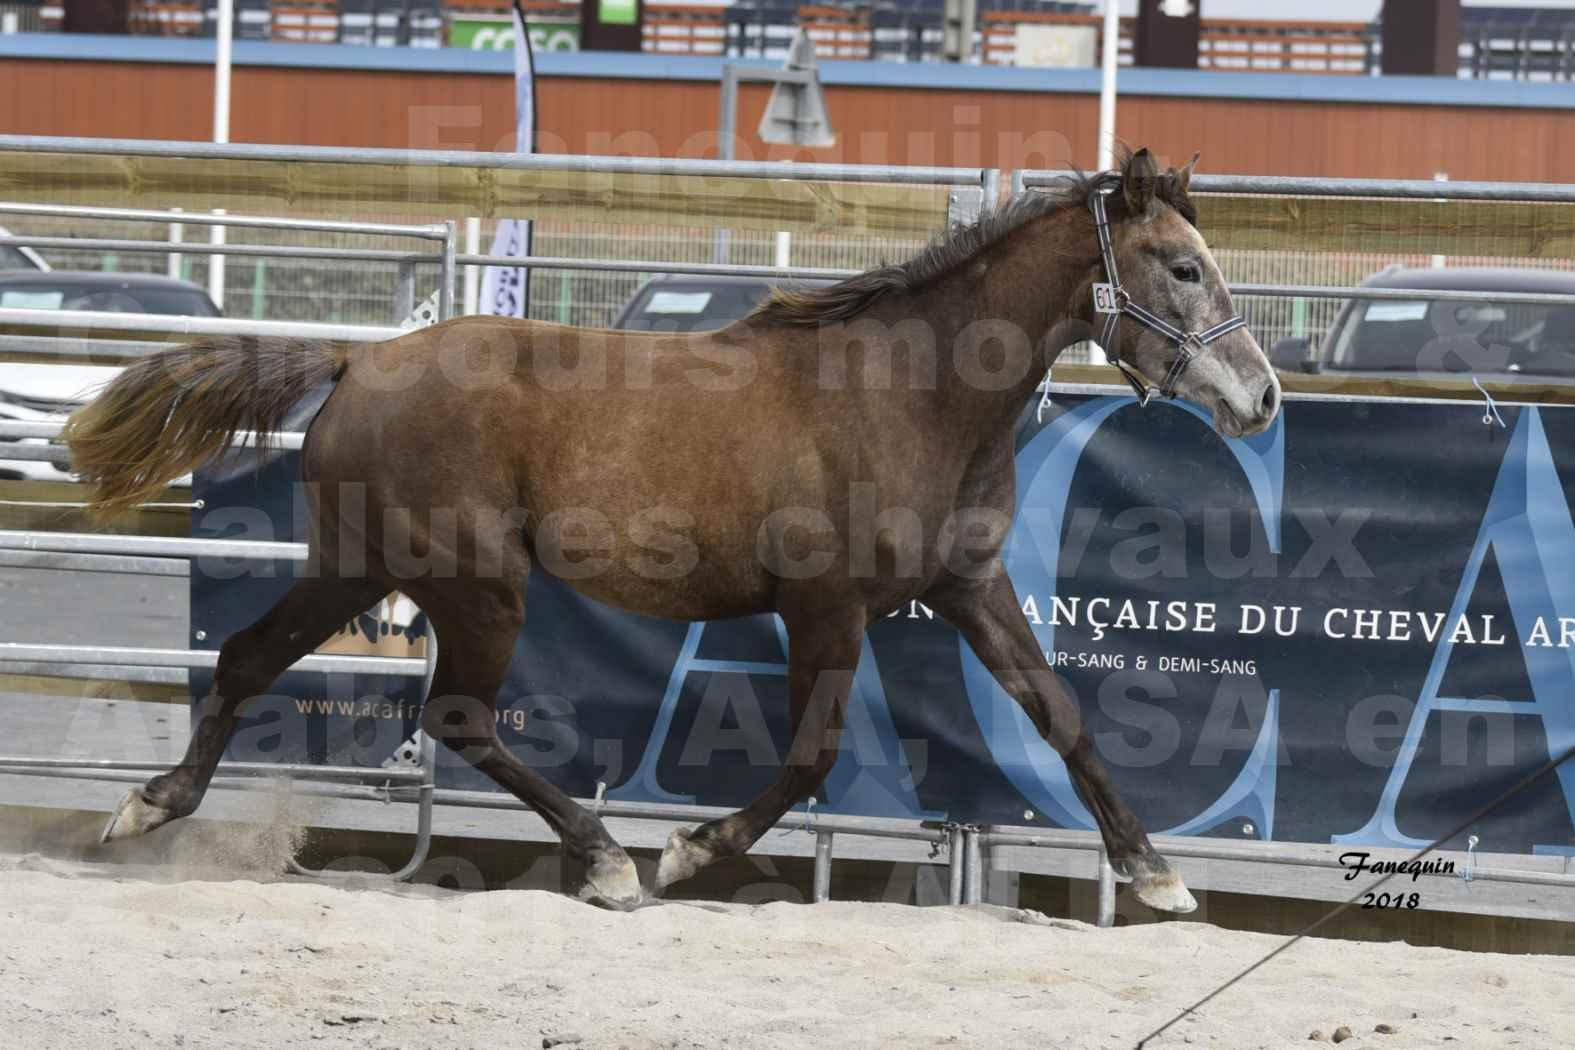 Concours d'élevage de Chevaux Arabes - Demi Sang Arabes - Anglo Arabes - ALBI les 6 & 7 Avril 2018 - FARAH DU CARRELIE - Notre Sélection - 14